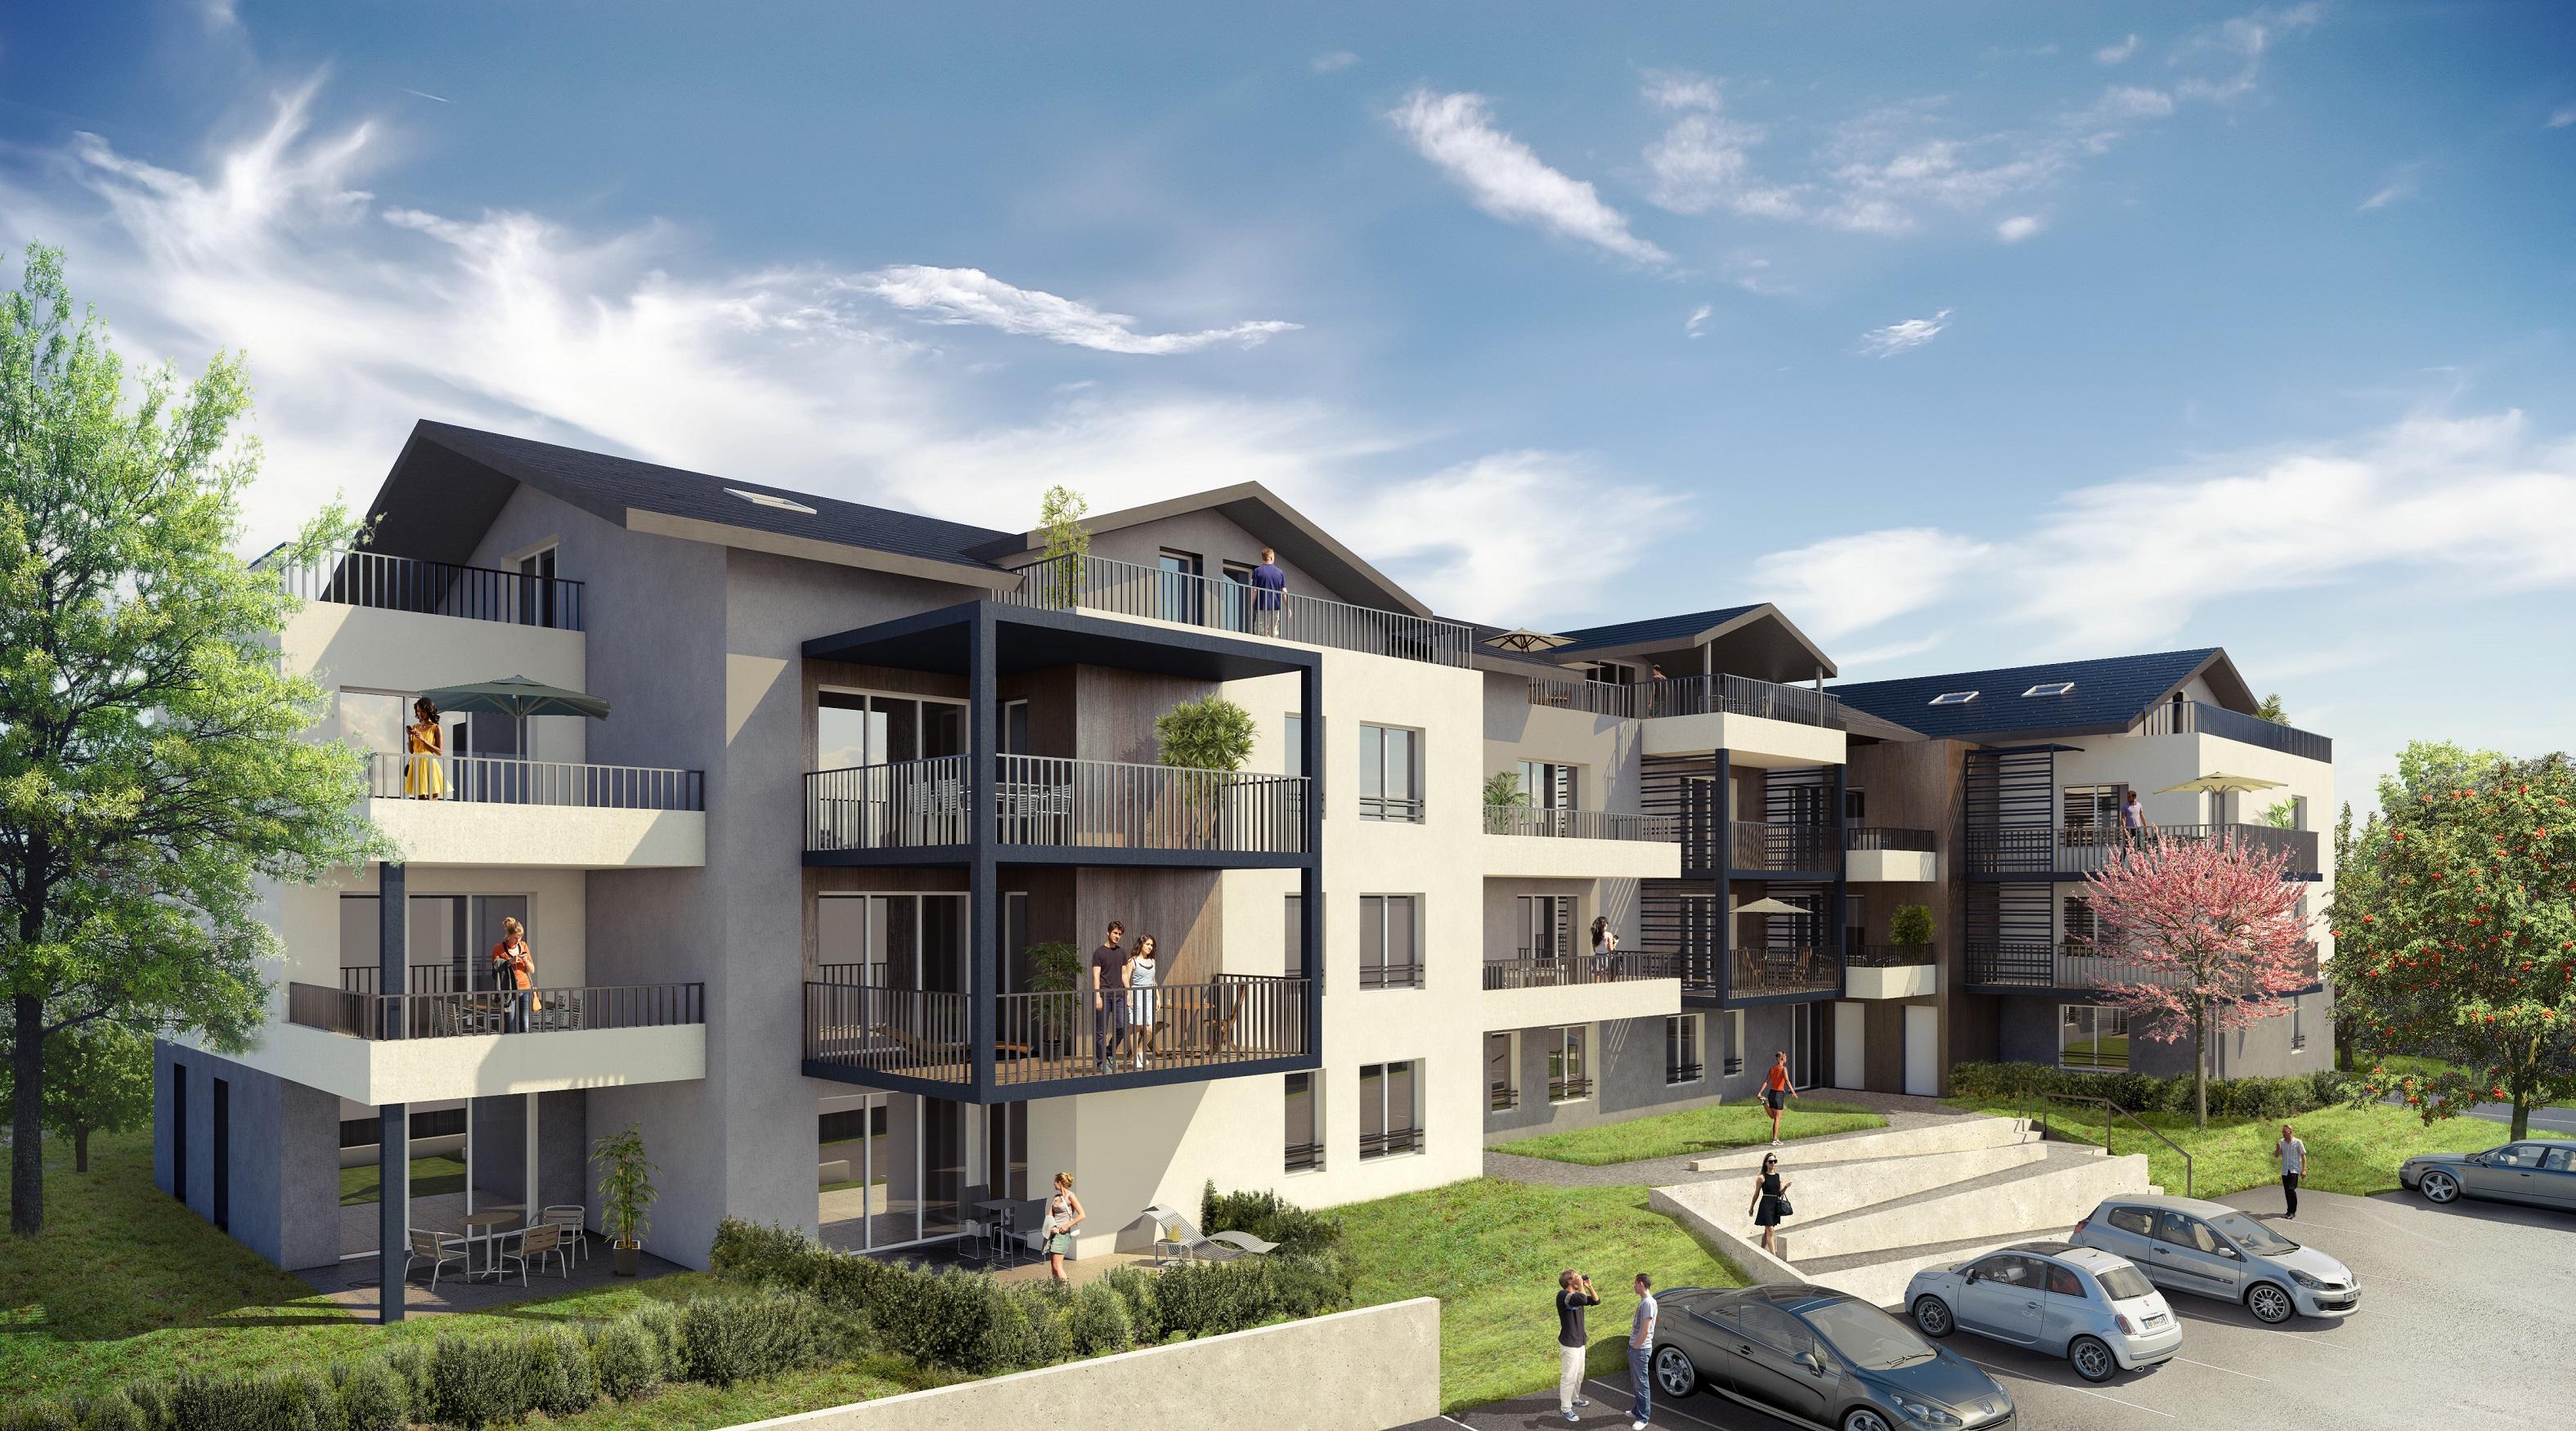 Achat vente logement neuf cap leman excenevex - Exoneration taxe fonciere logement neuf bbc ...